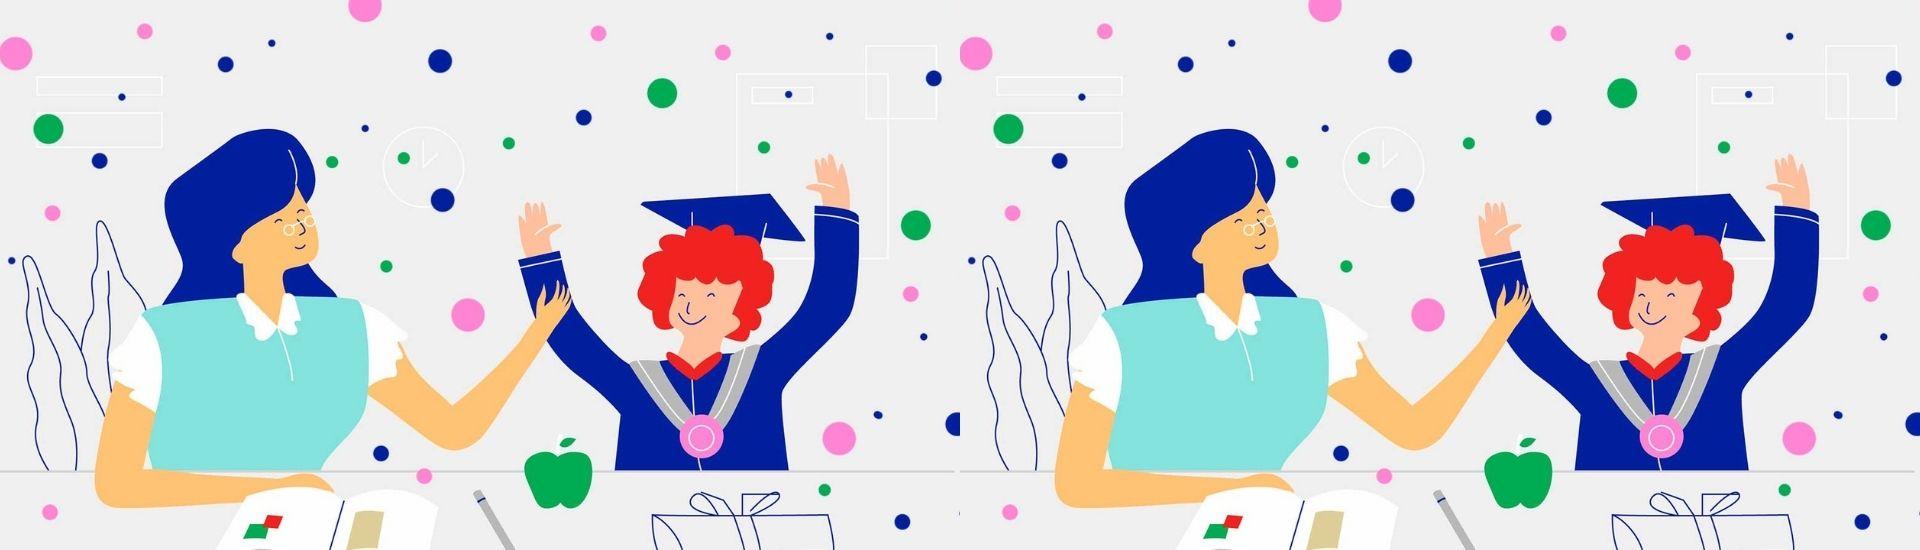 Ilustración profesor y alumno celebrando un logro